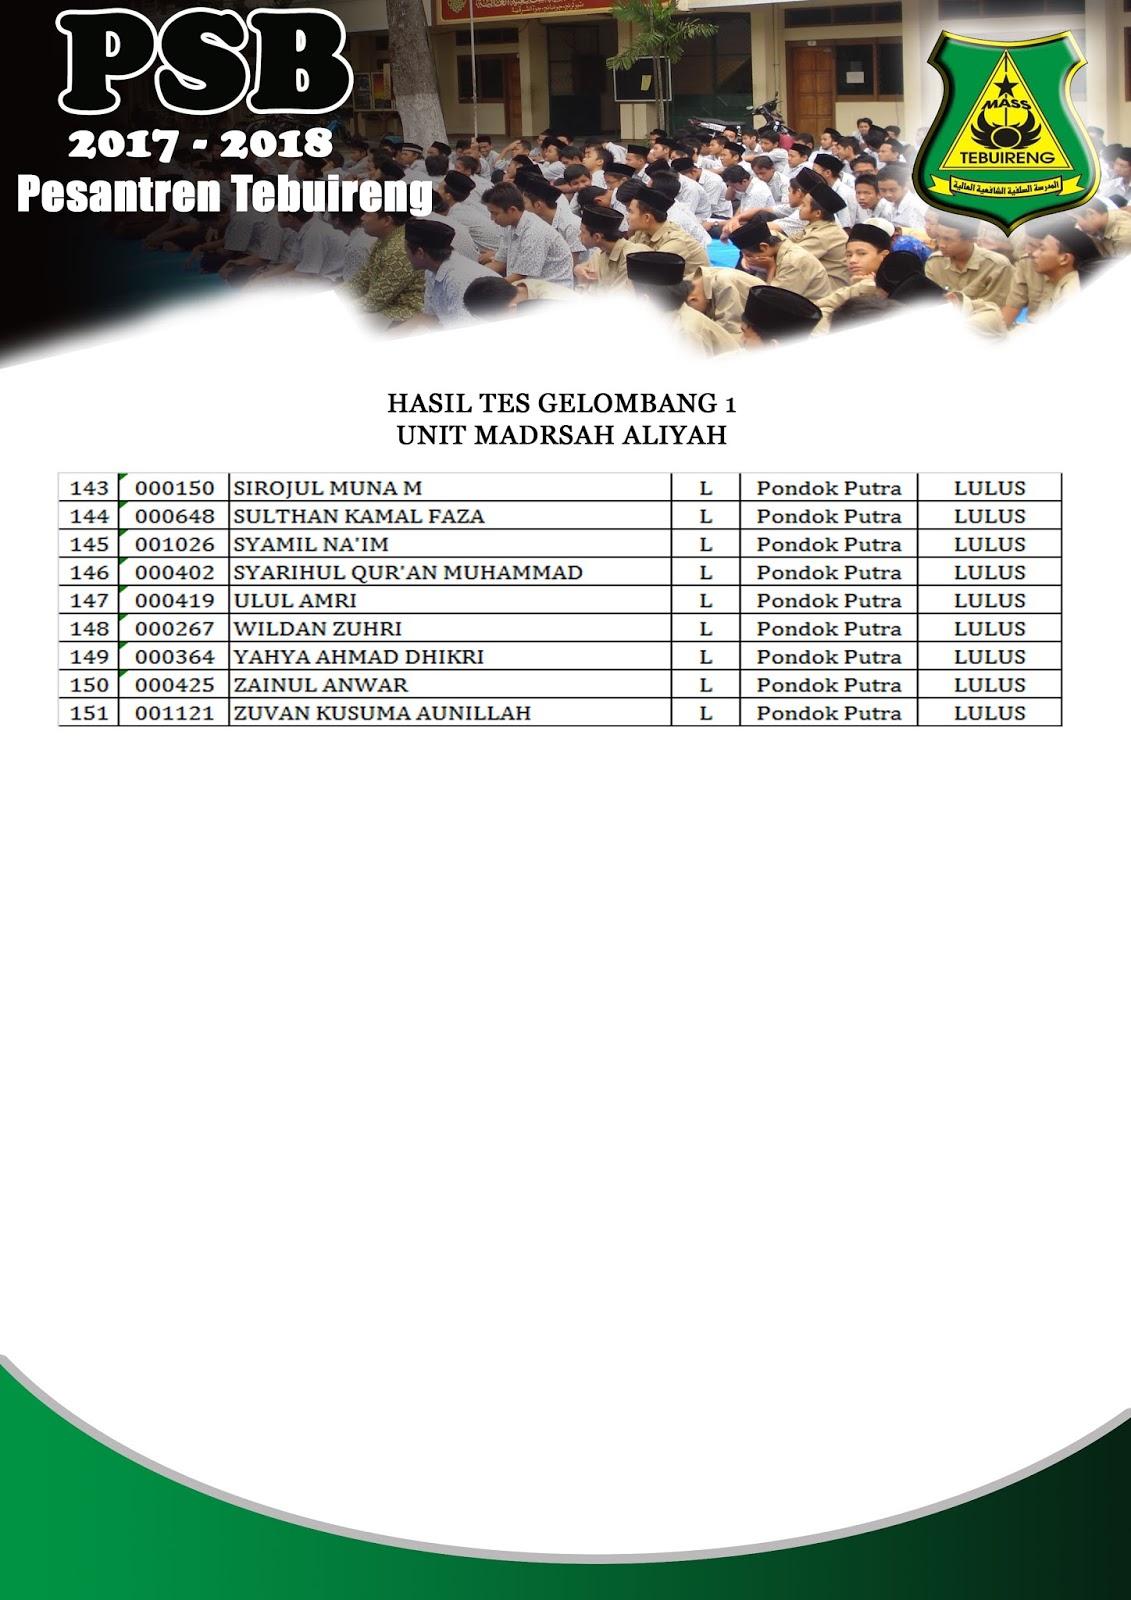 Madrasah Aliyah Putra 4